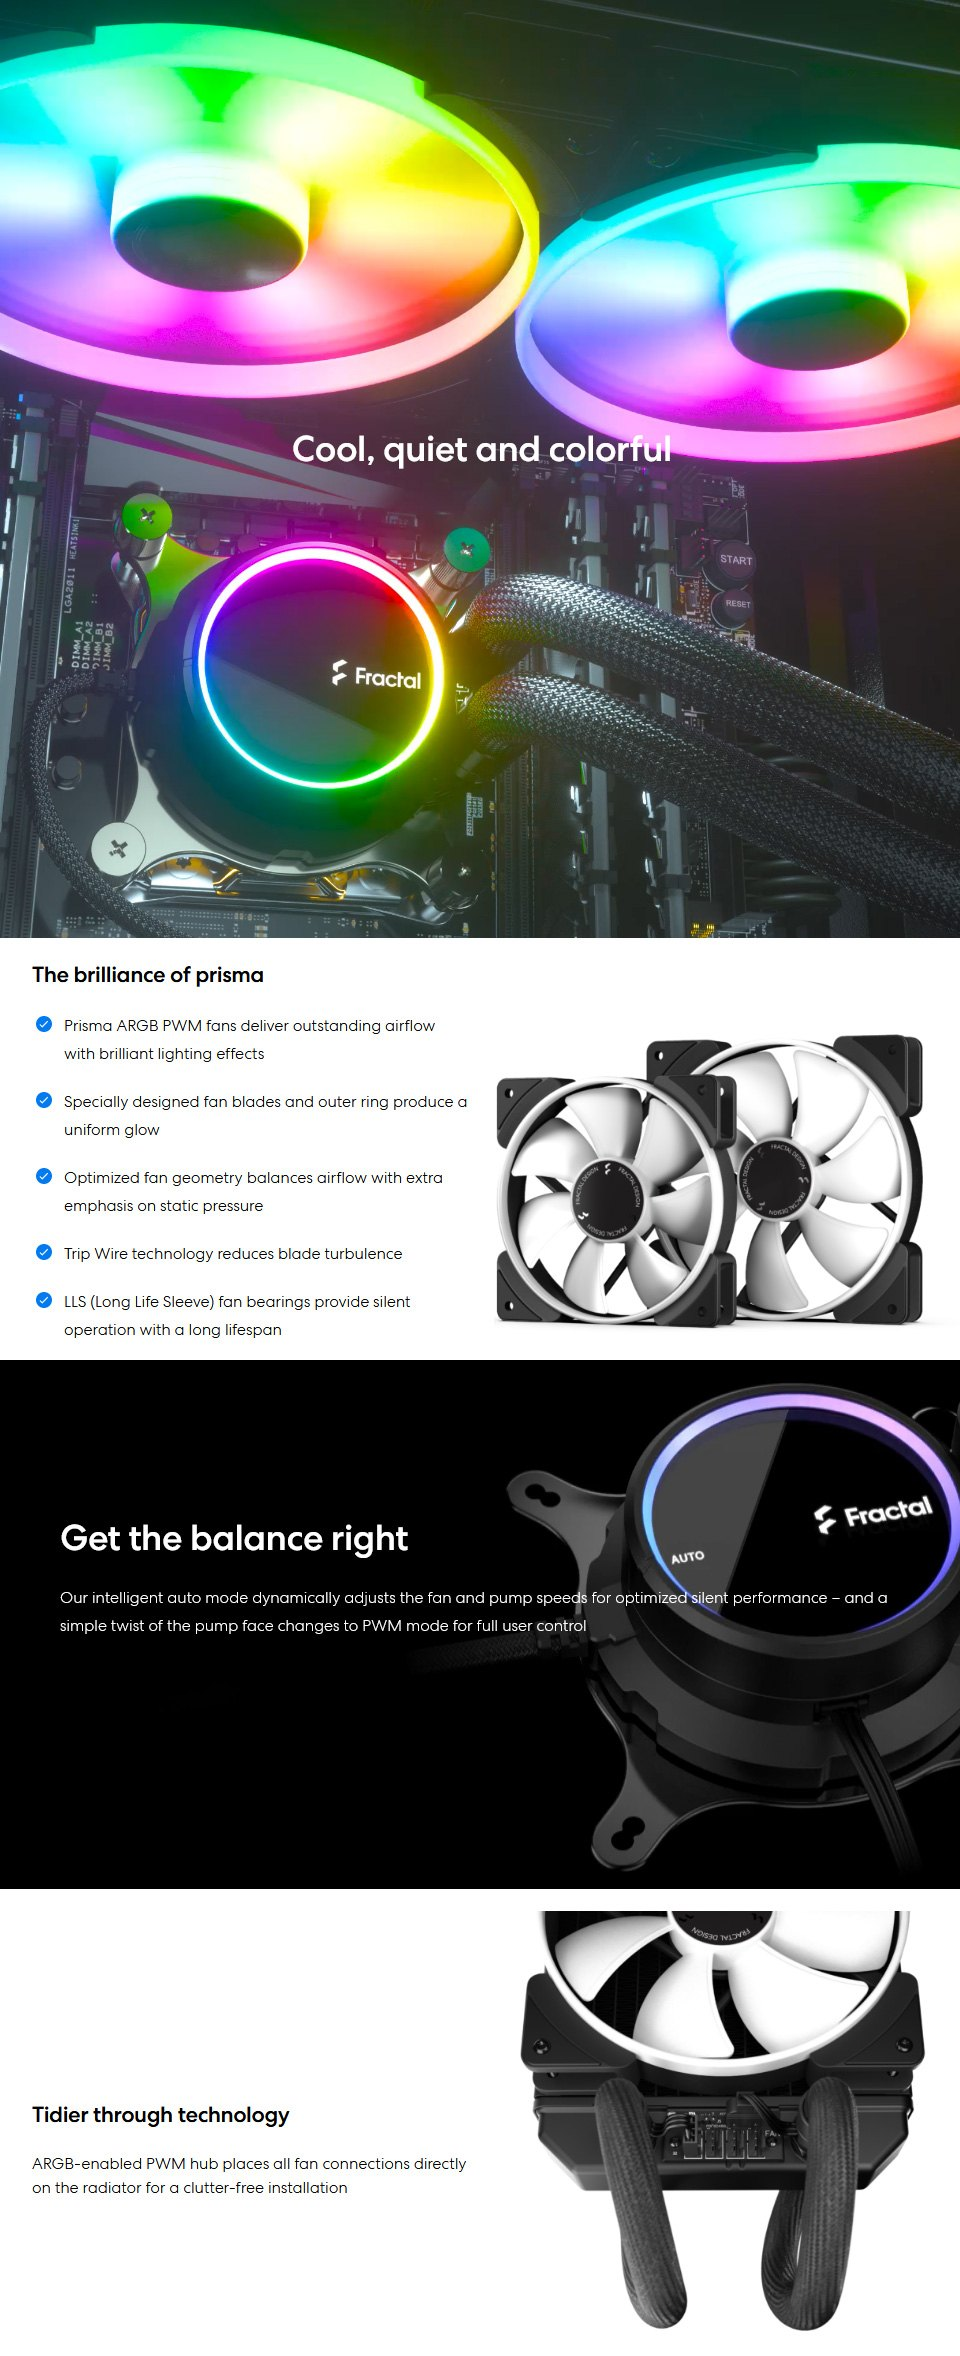 Fractal Design Celsius+ S36 Prisma 360mm Liquid CPU Cooler features